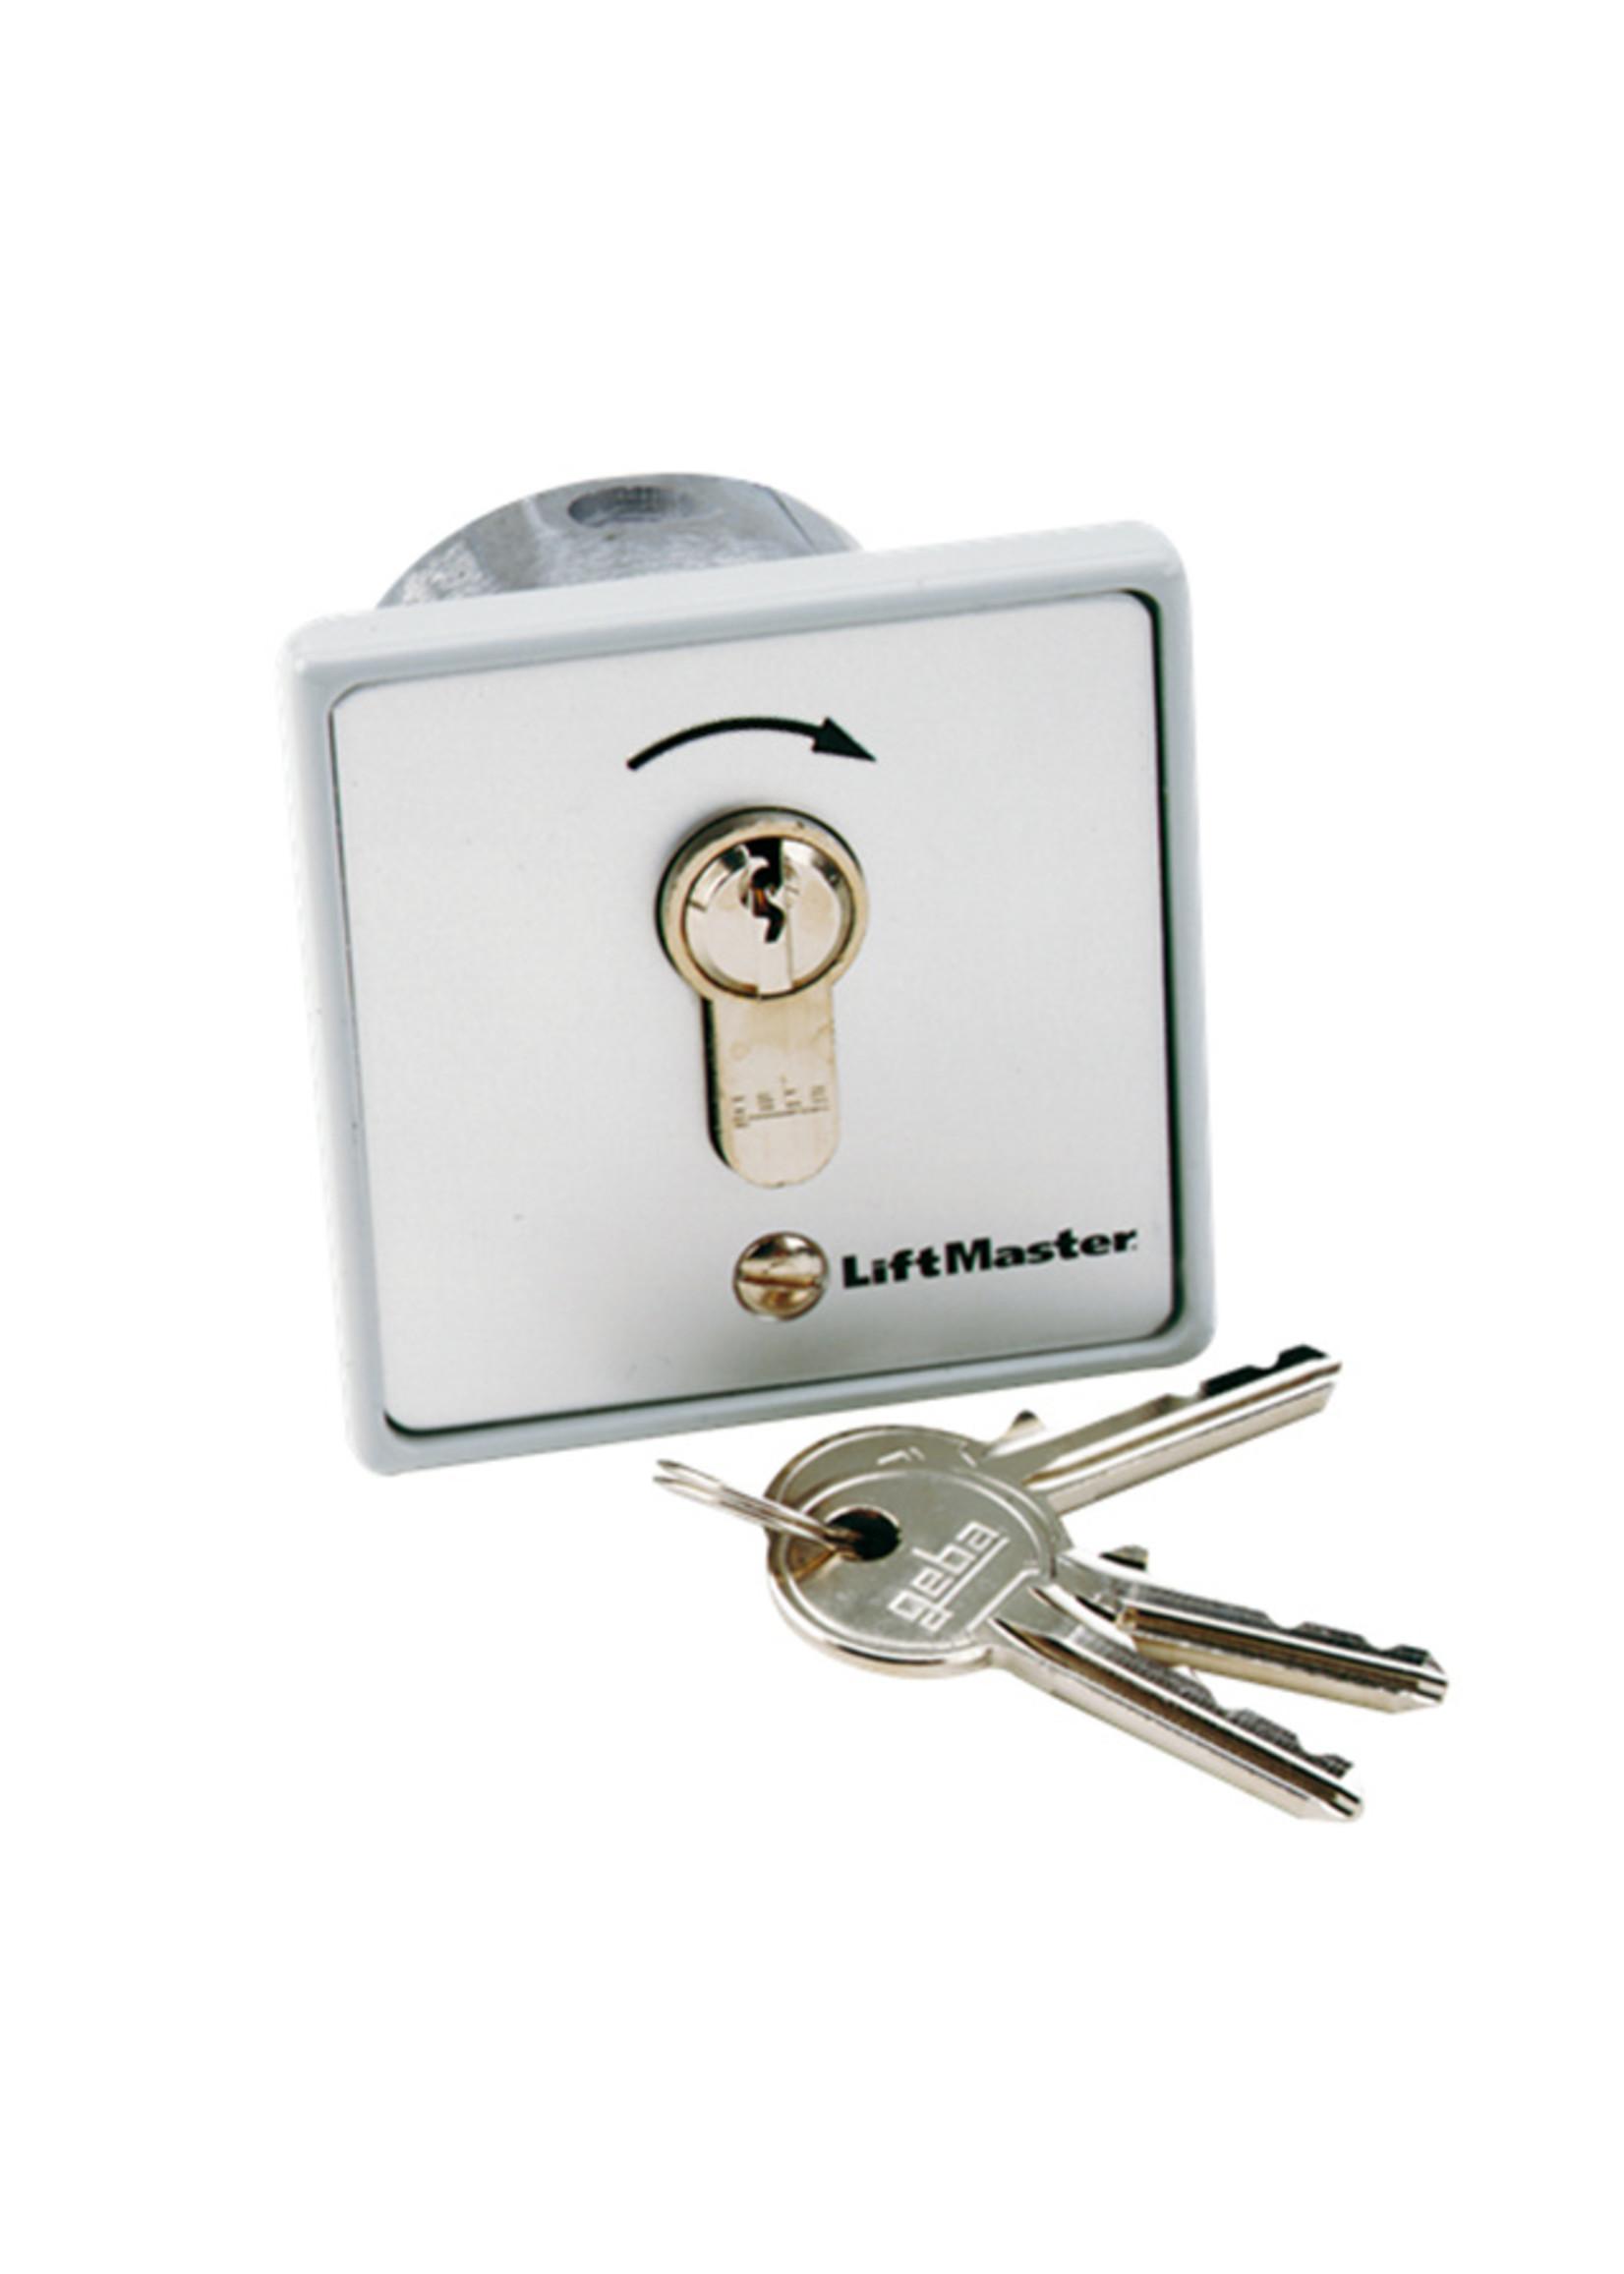 Liftmaster 100010 Inbouw sleutelschakelaar 1 functie